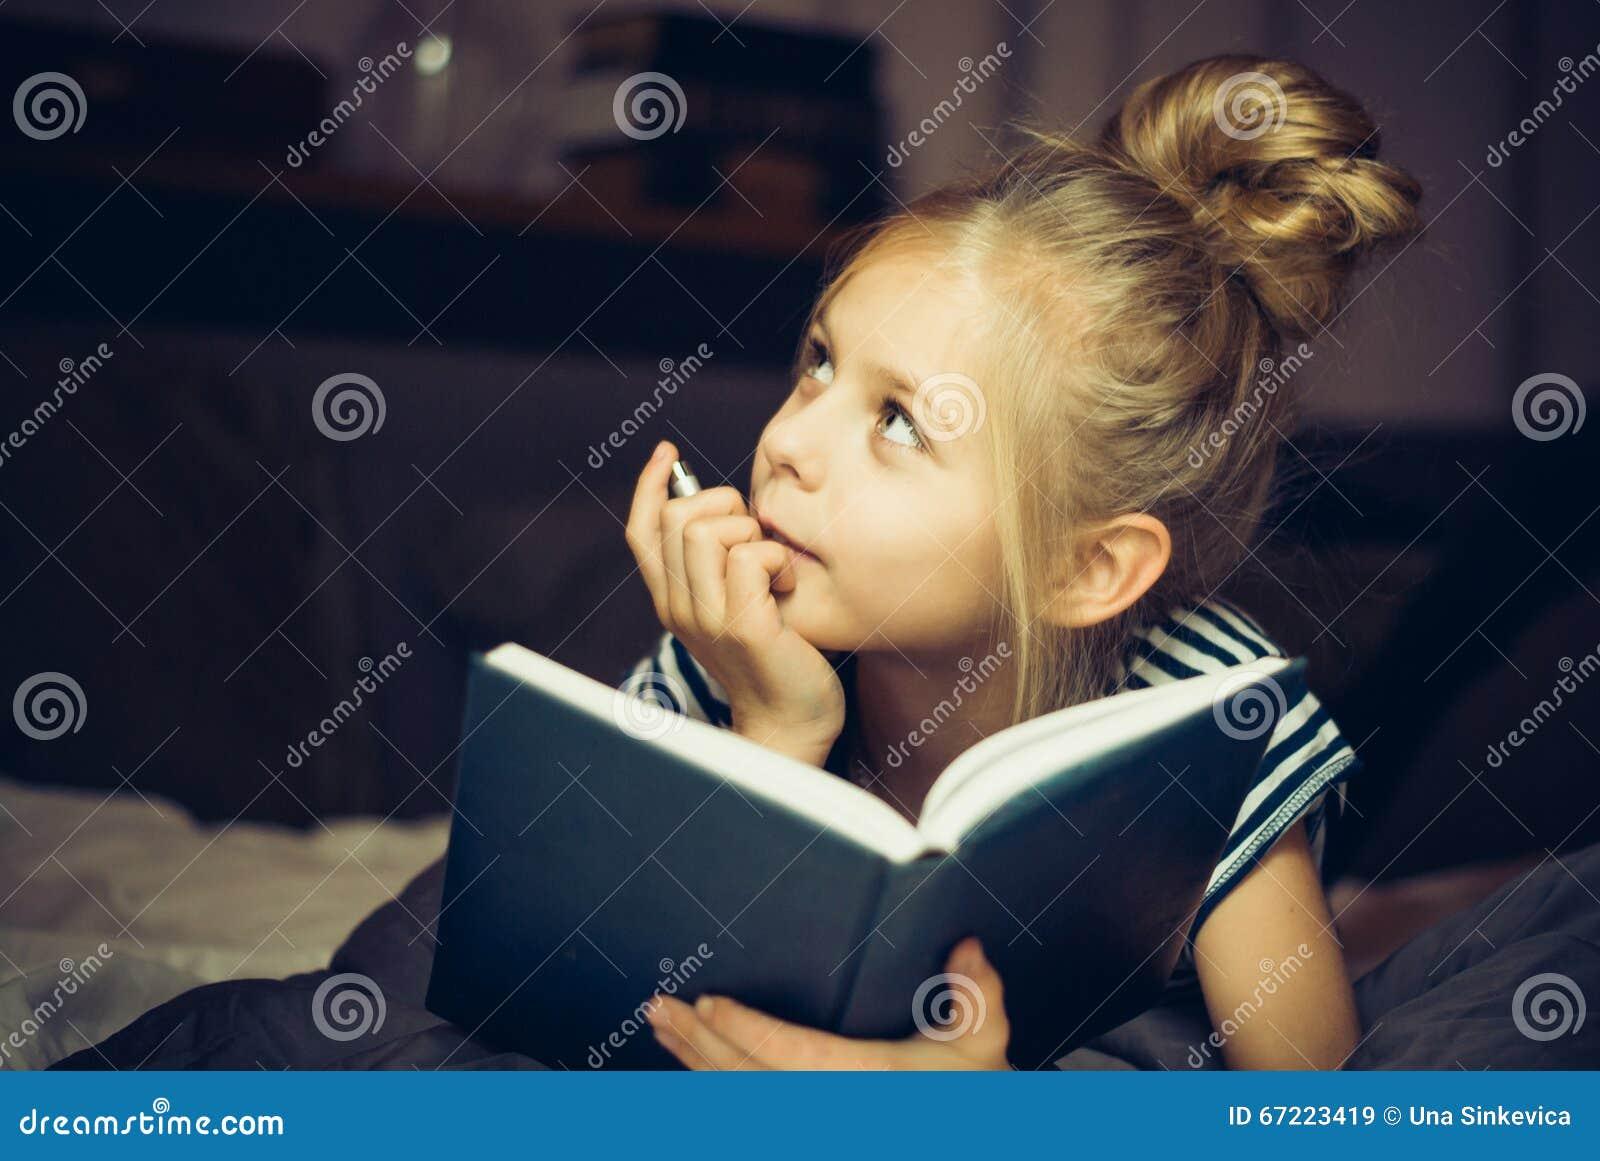 Dziewczyna czyta książkę i sen w łóżku